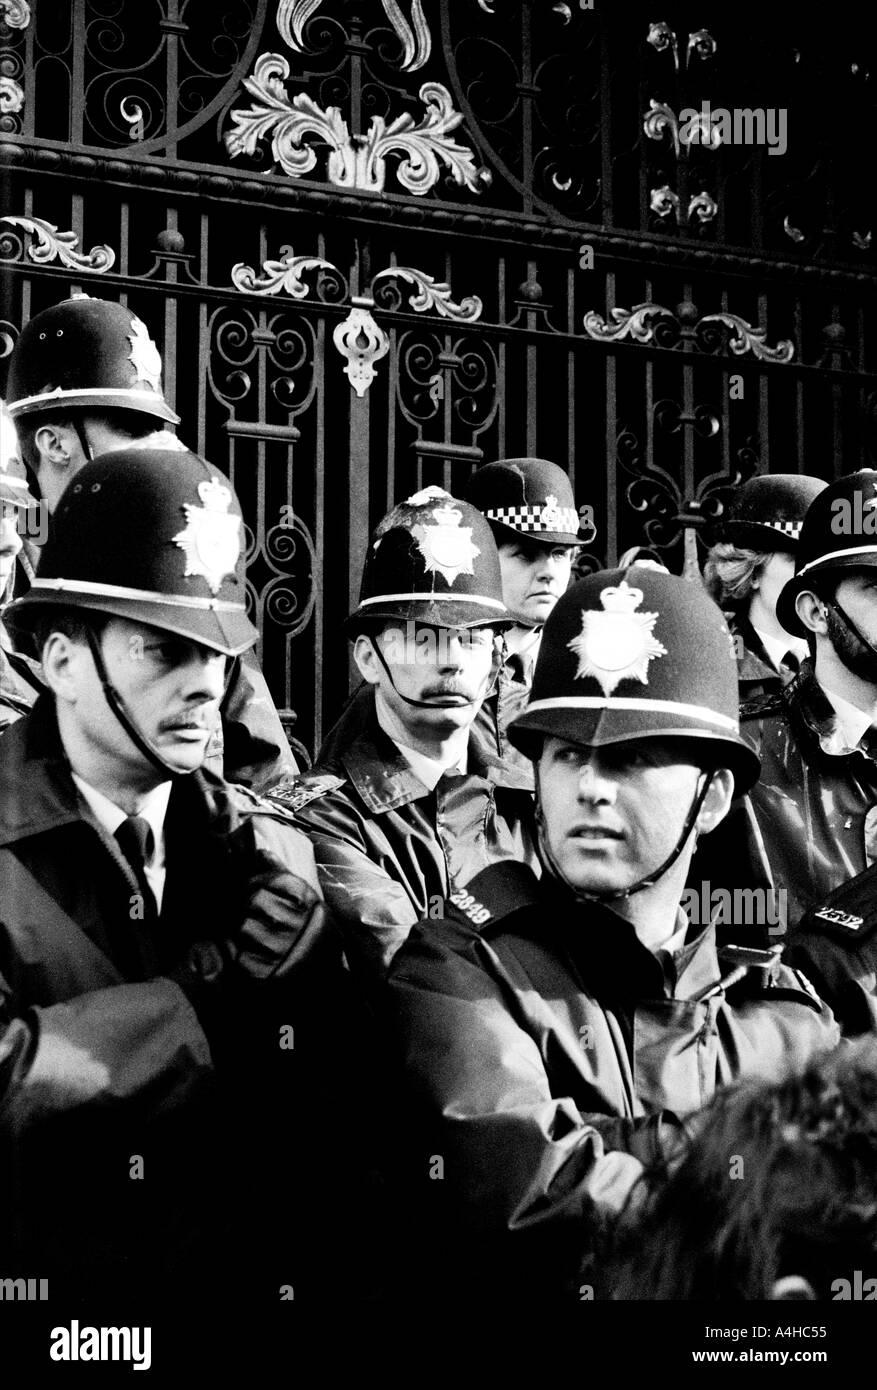 De monochrome un groupe de policiers protégeant Sheffield City Hall au cours de l'impôt 1990 émeutes leur uniforme = souillé Photo Stock